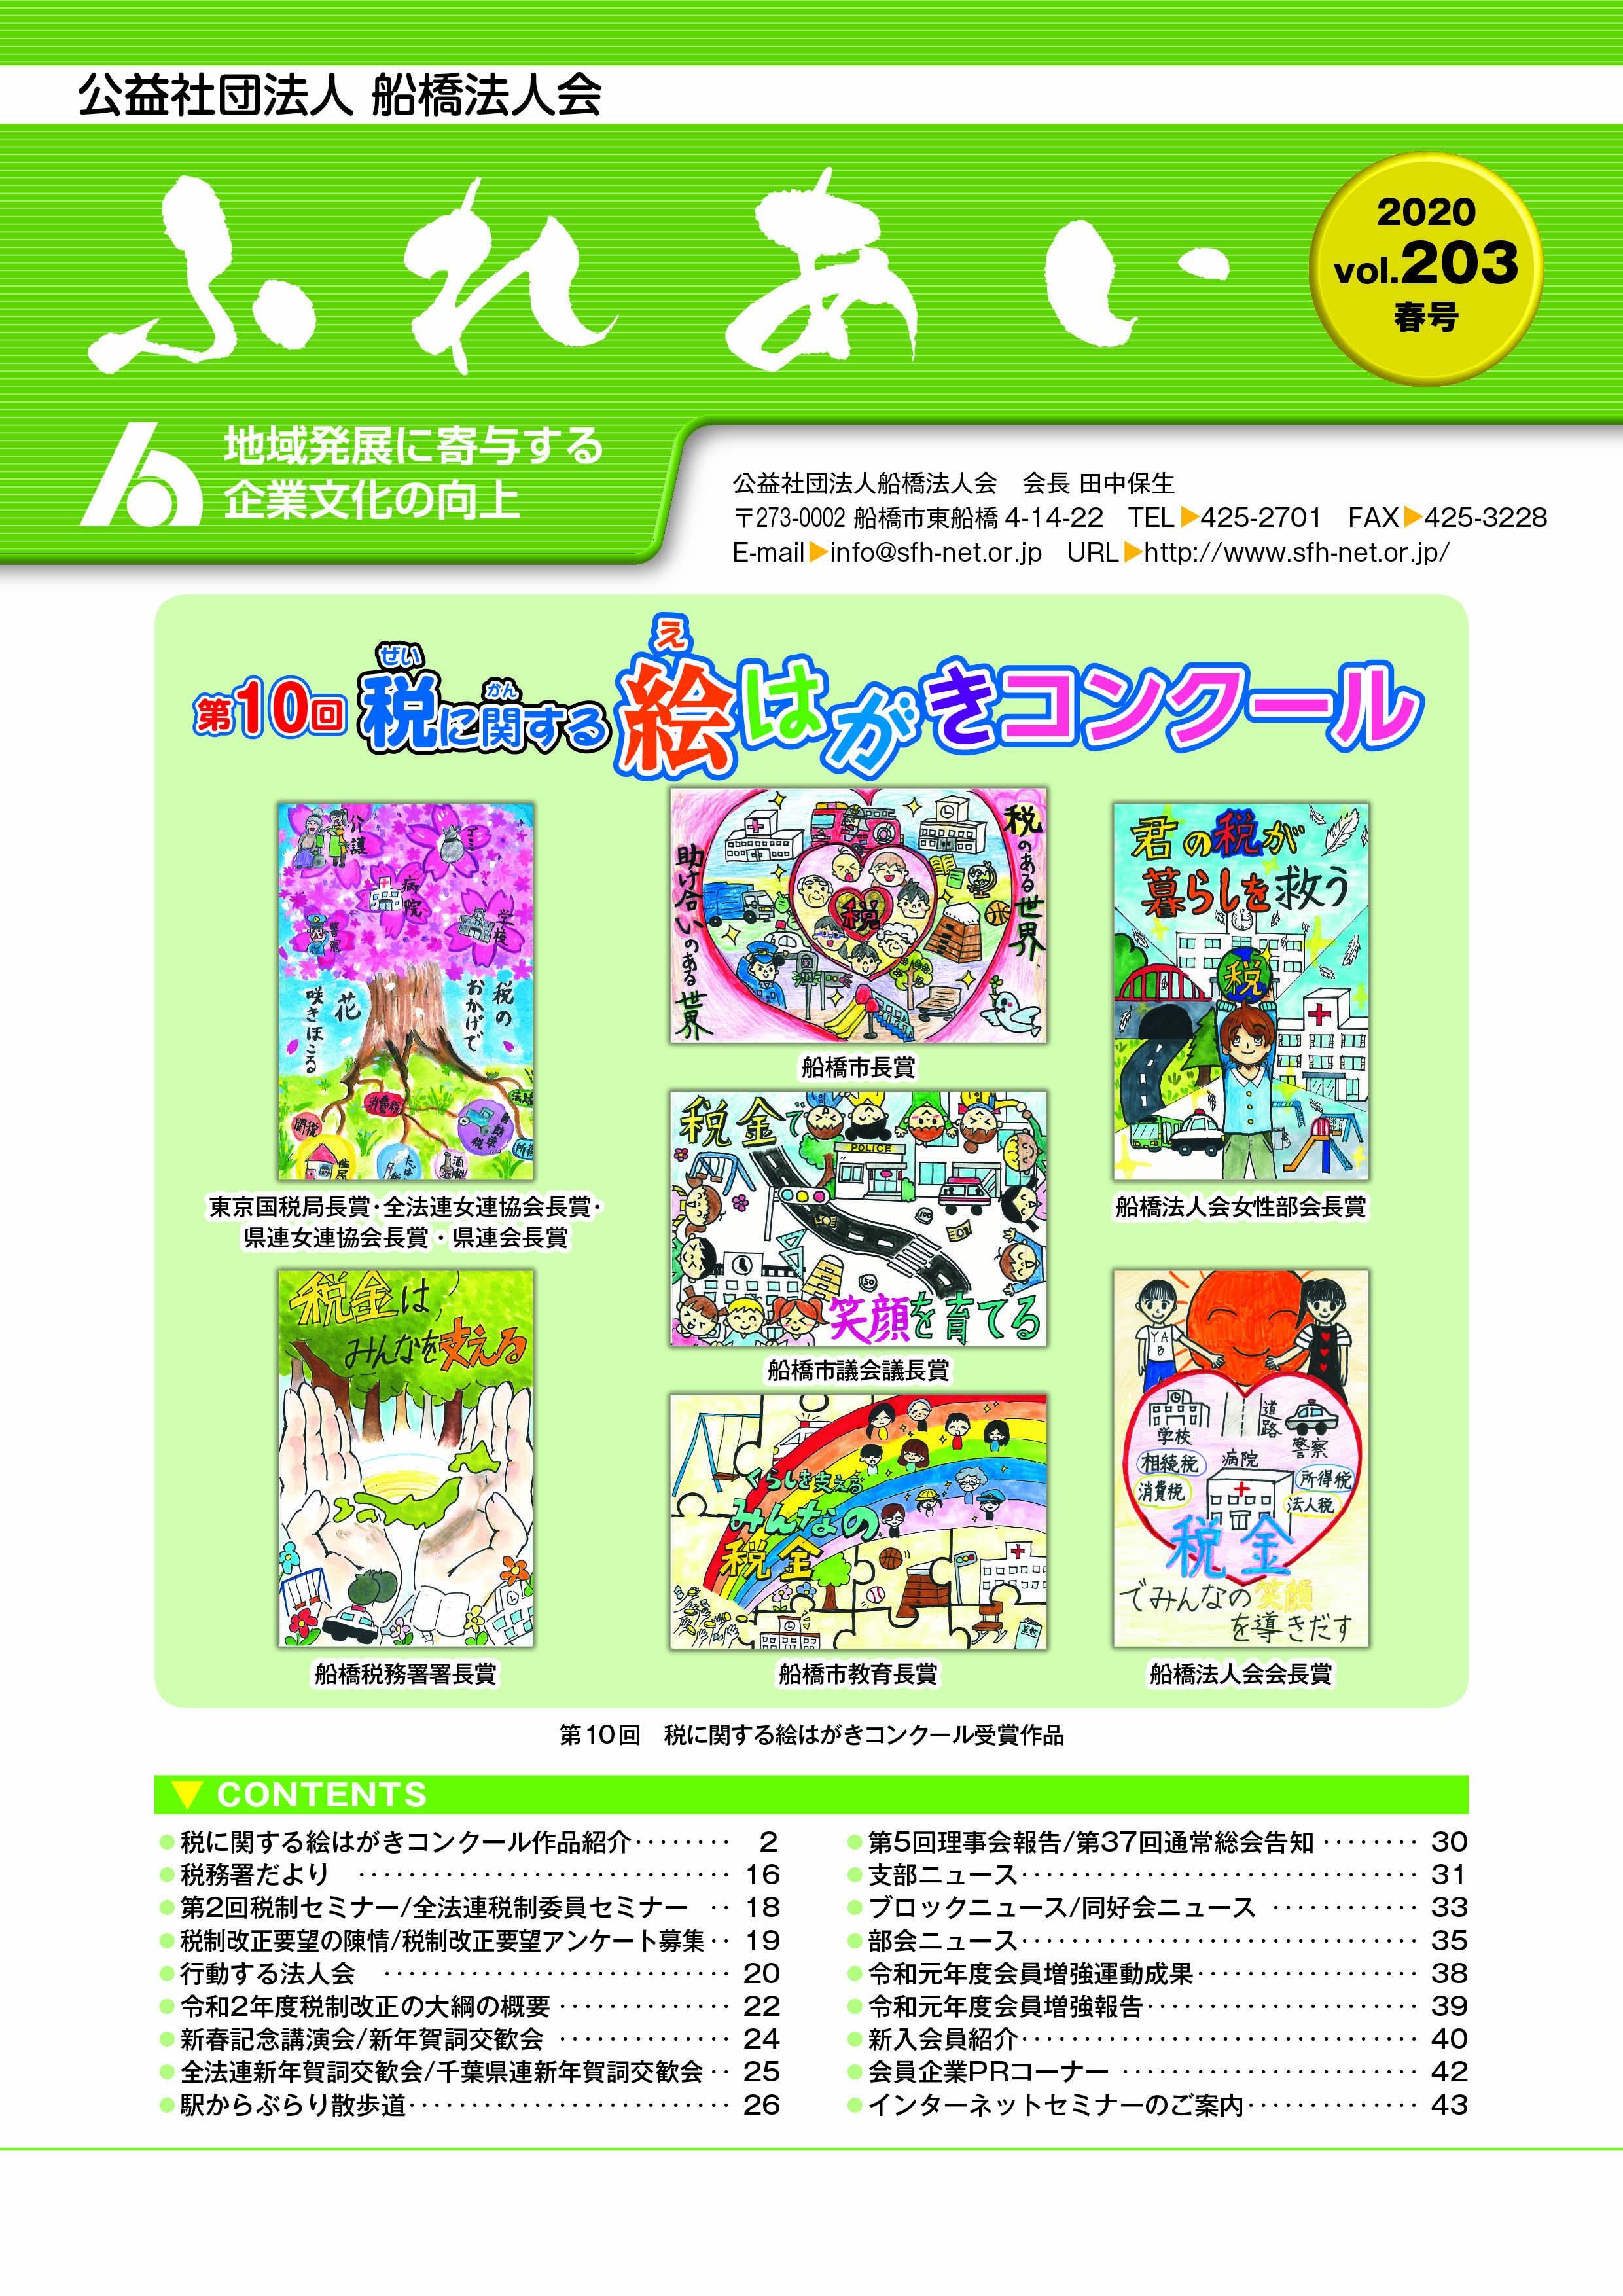 船橋法人会会報 ふれあい 第203号(2020.4)